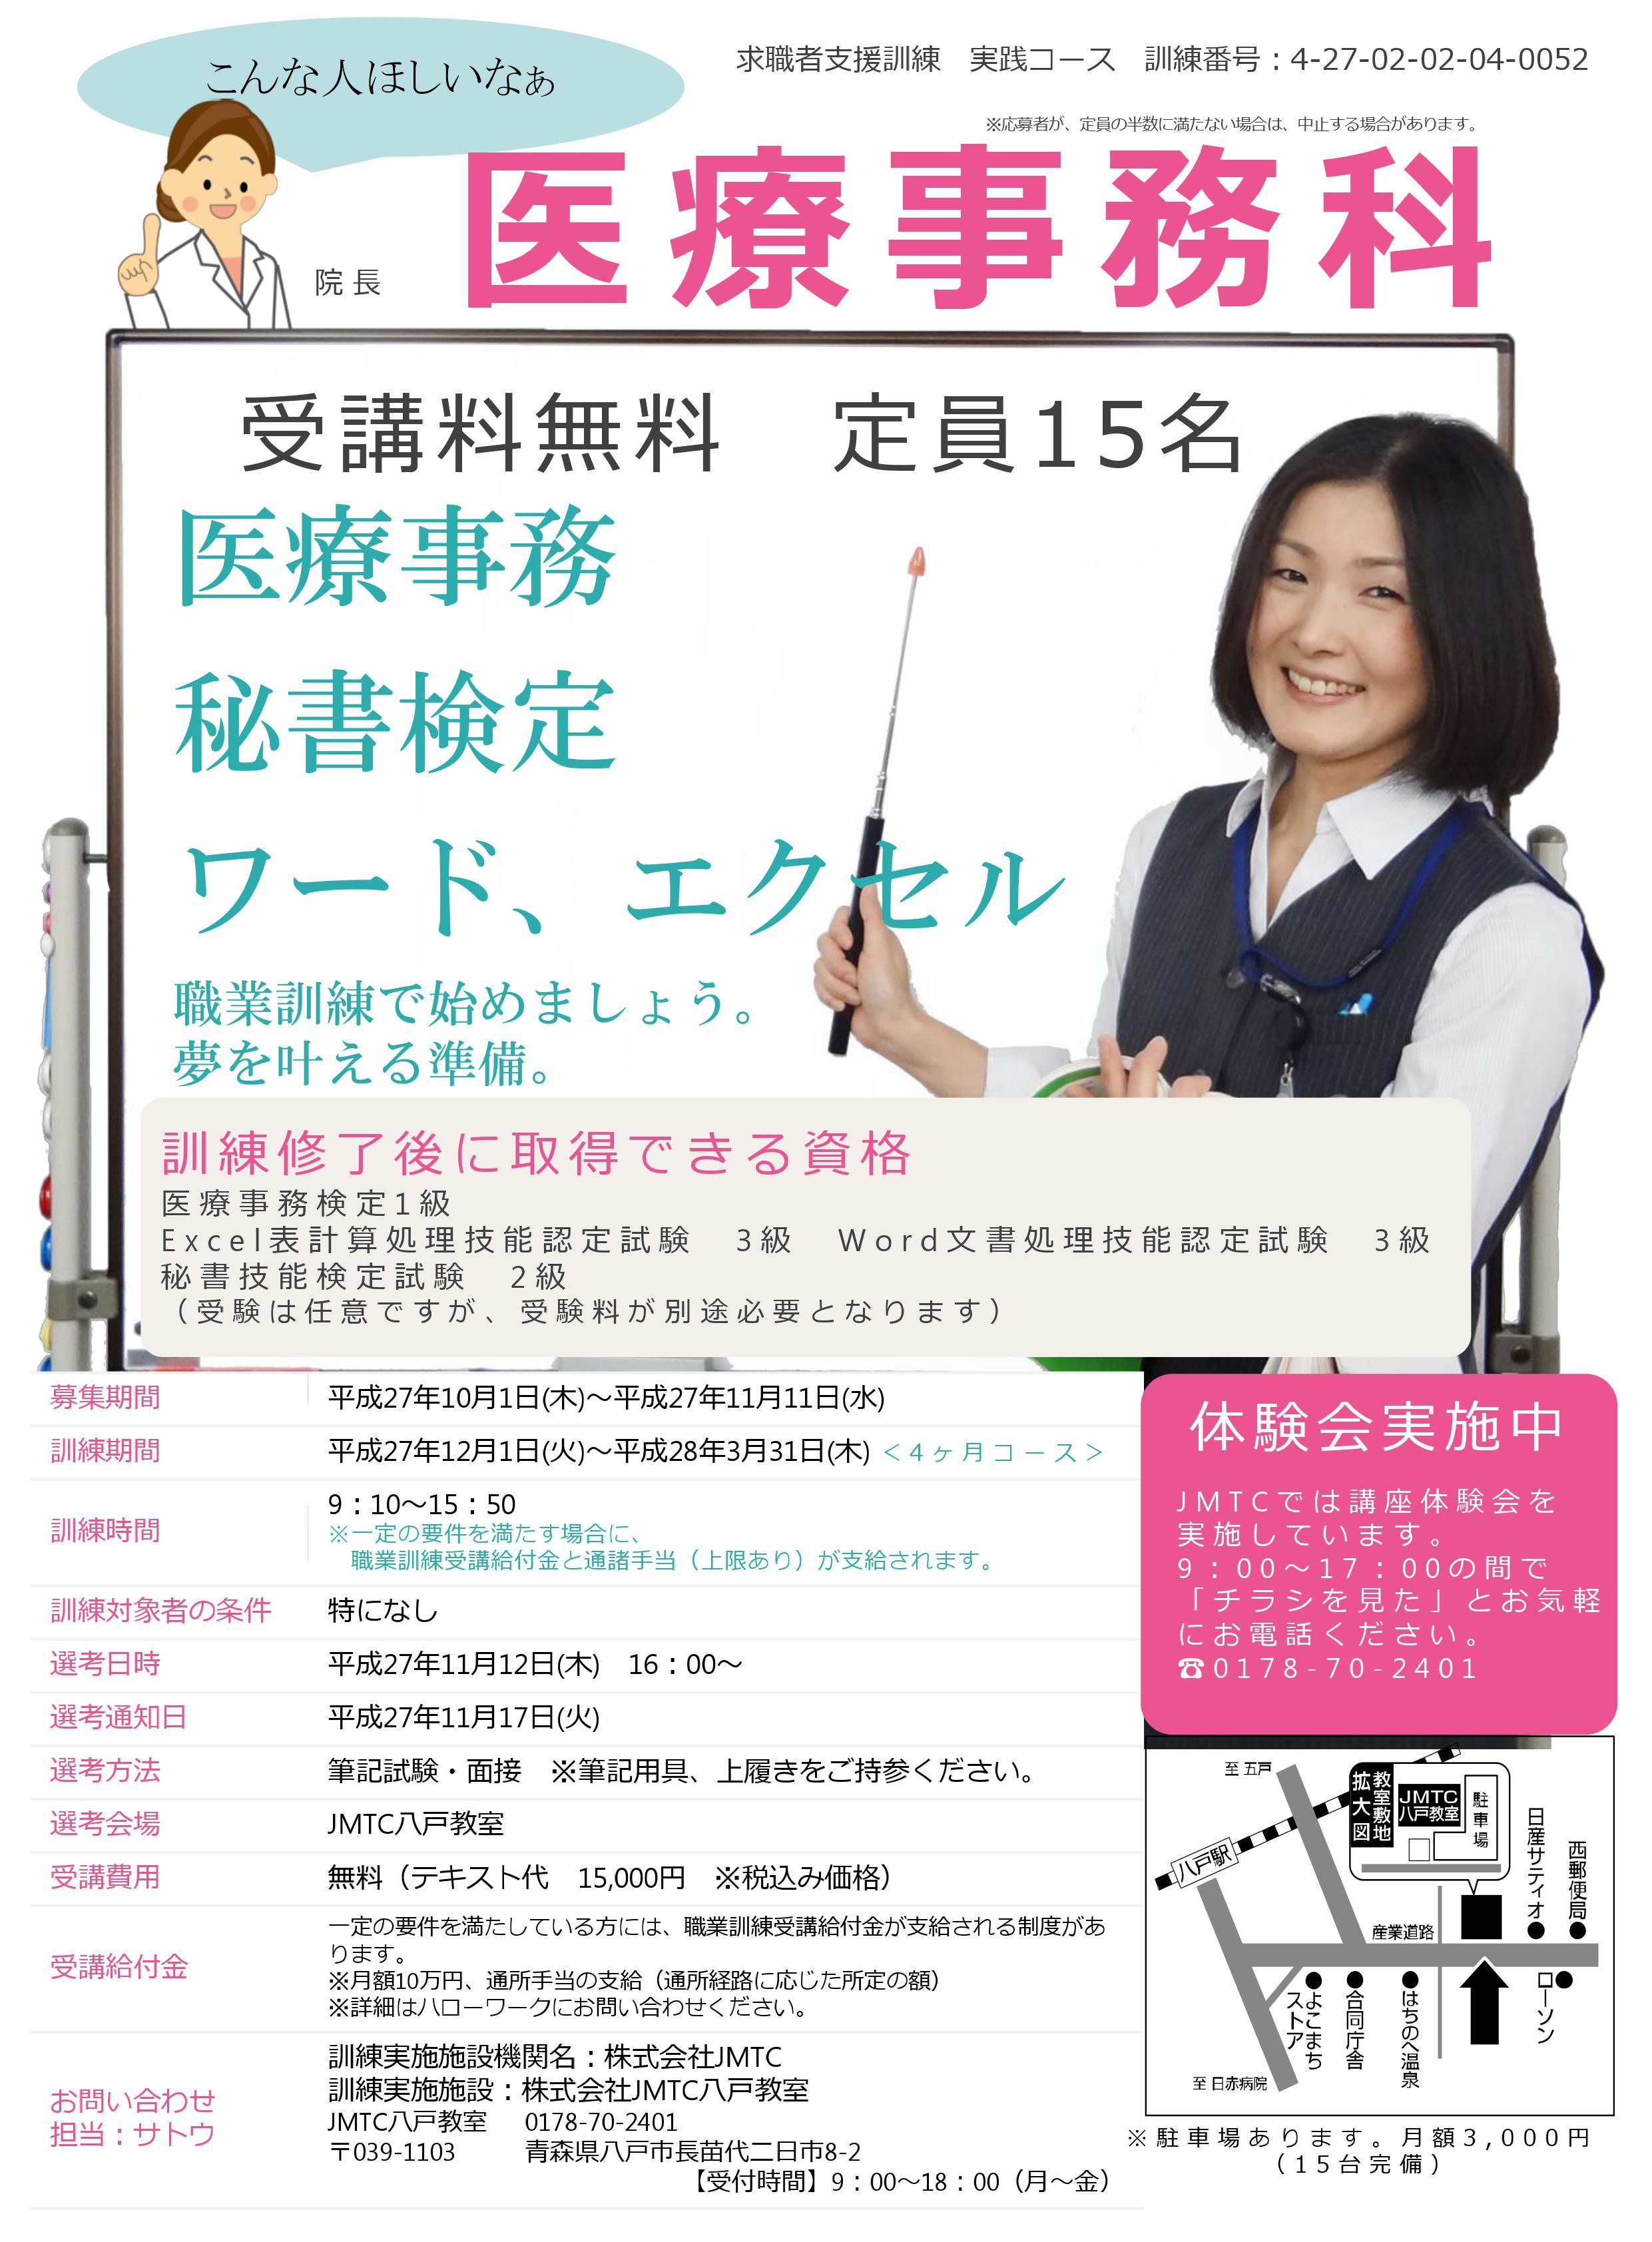 岐阜県の職業訓練校で取得可能な資格一覧 | 資格一覧